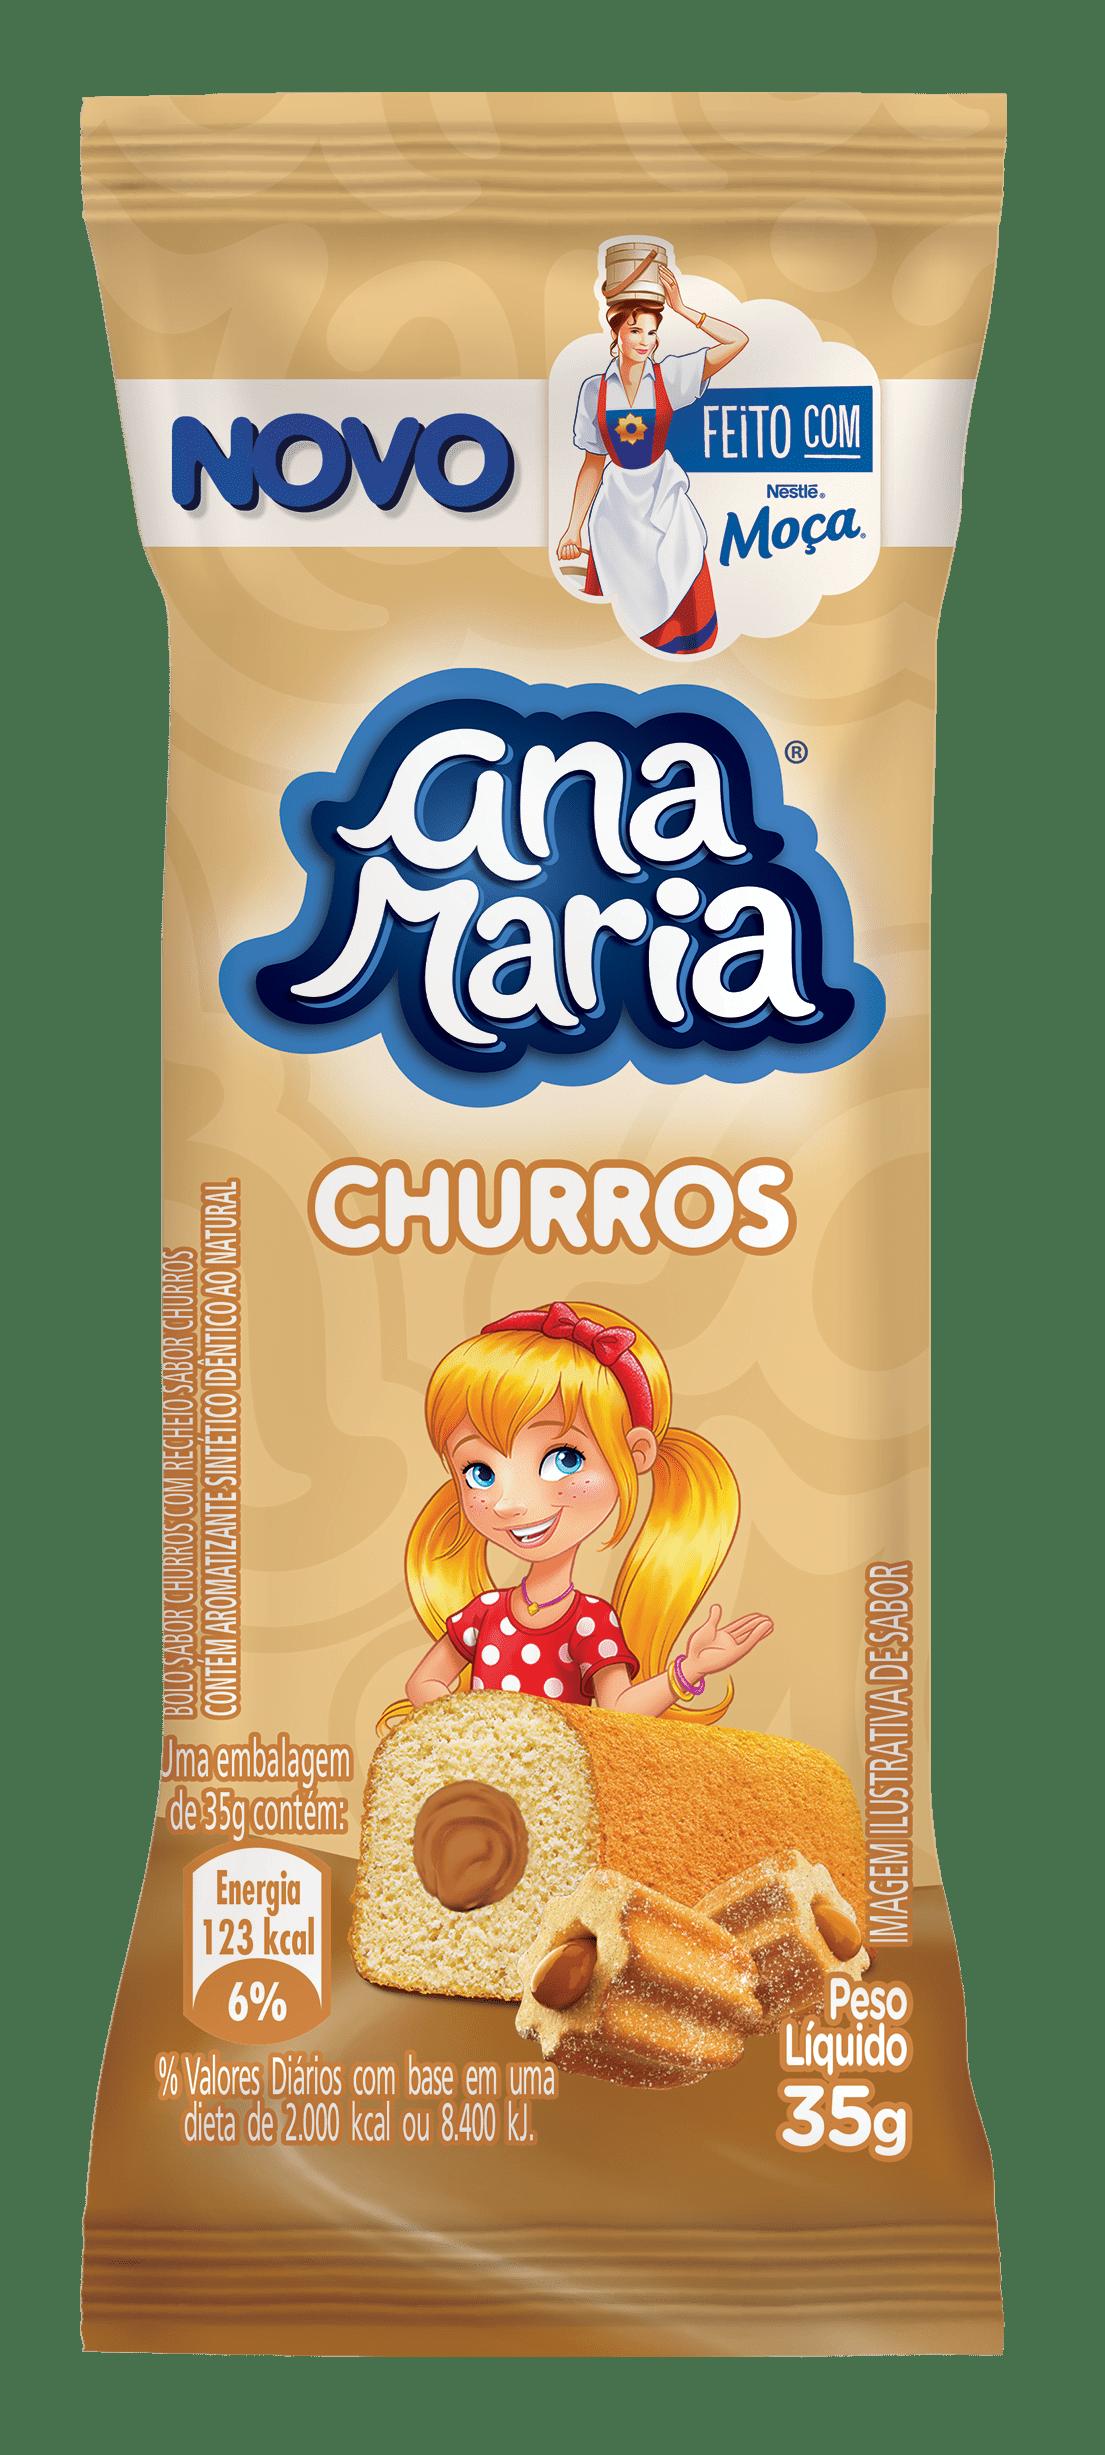 Ana Maria apresenta campanha de lançamento dos novos bolinhos sabor churros em parceria com Leite Moça® da Nestlé